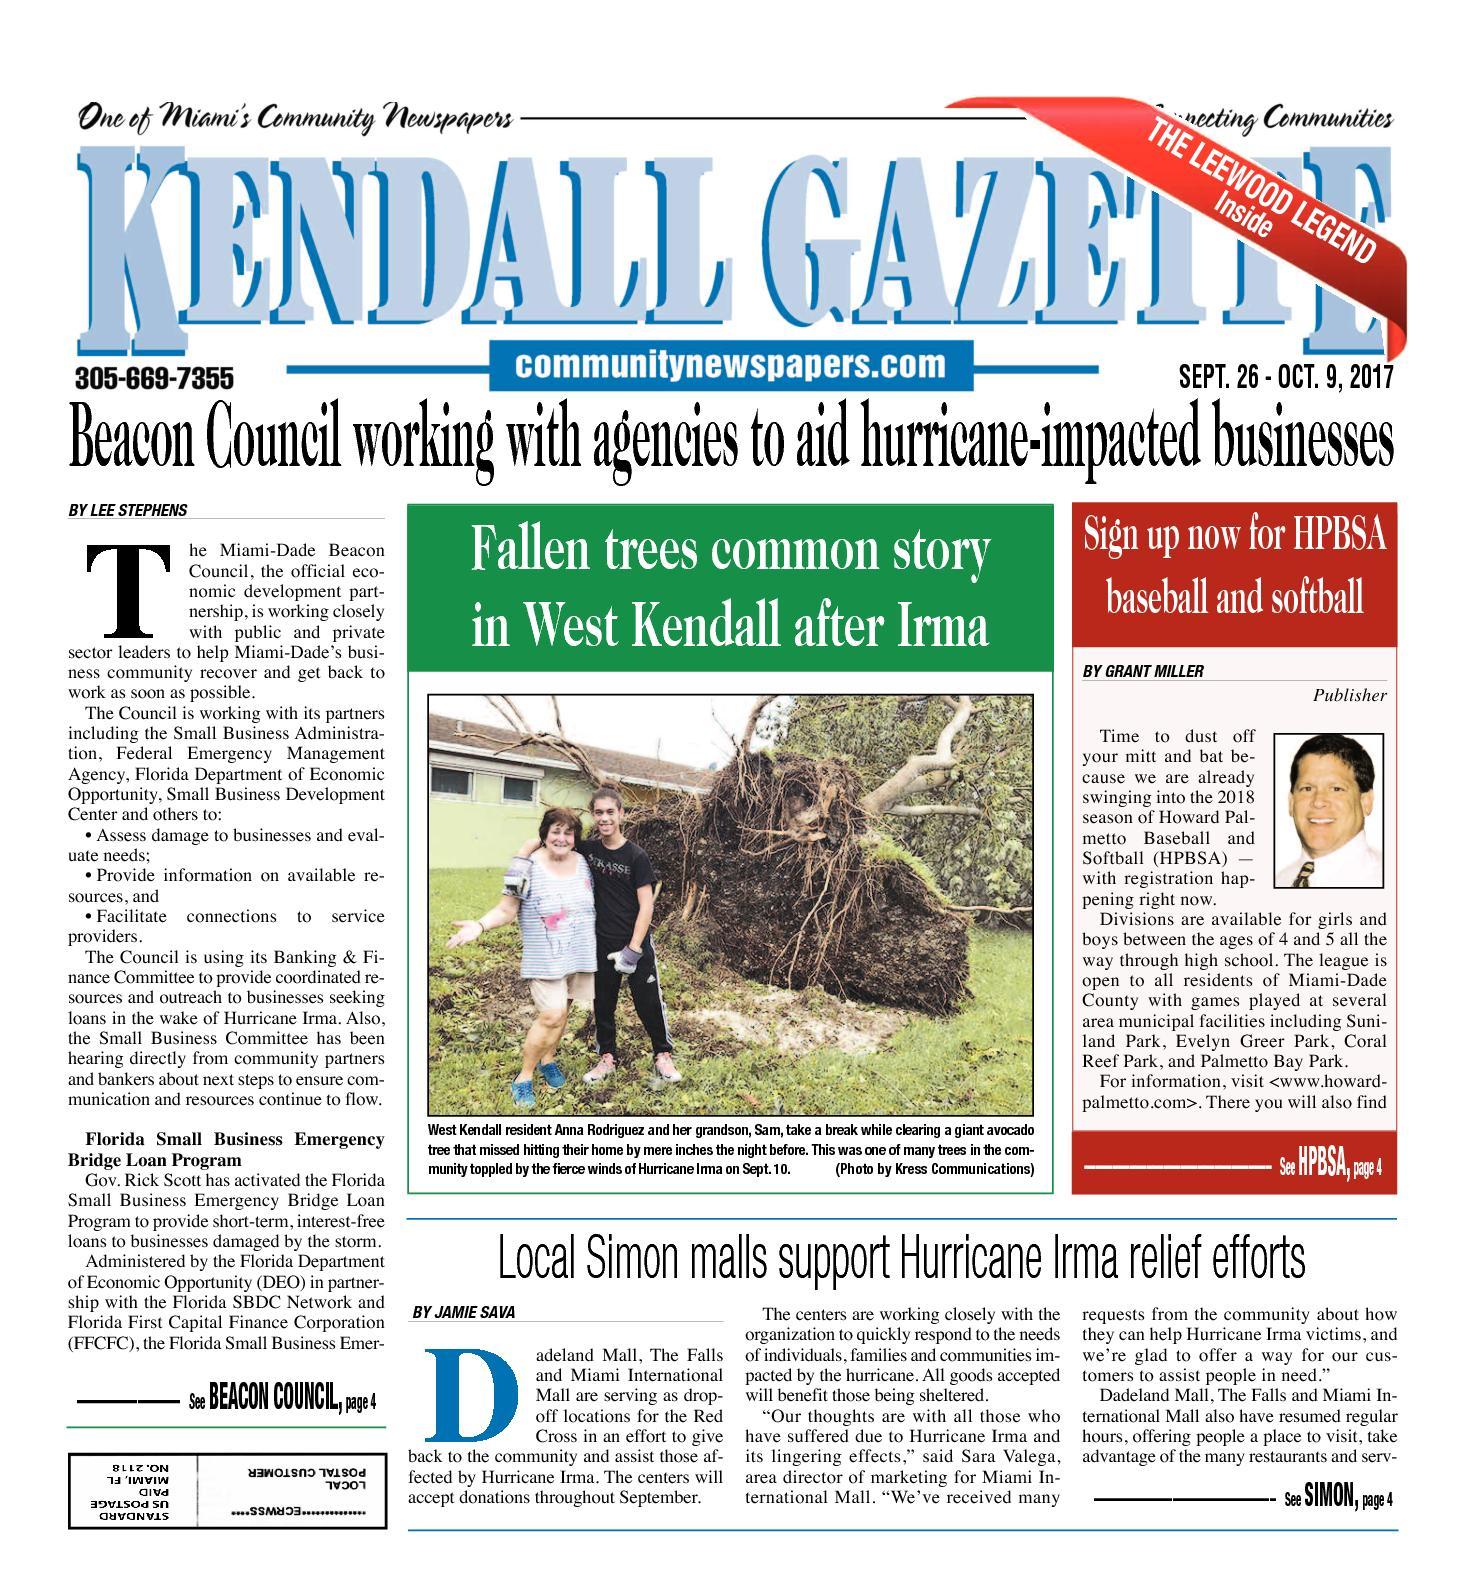 Calaméo - Kendall Gazette 09 26 2017